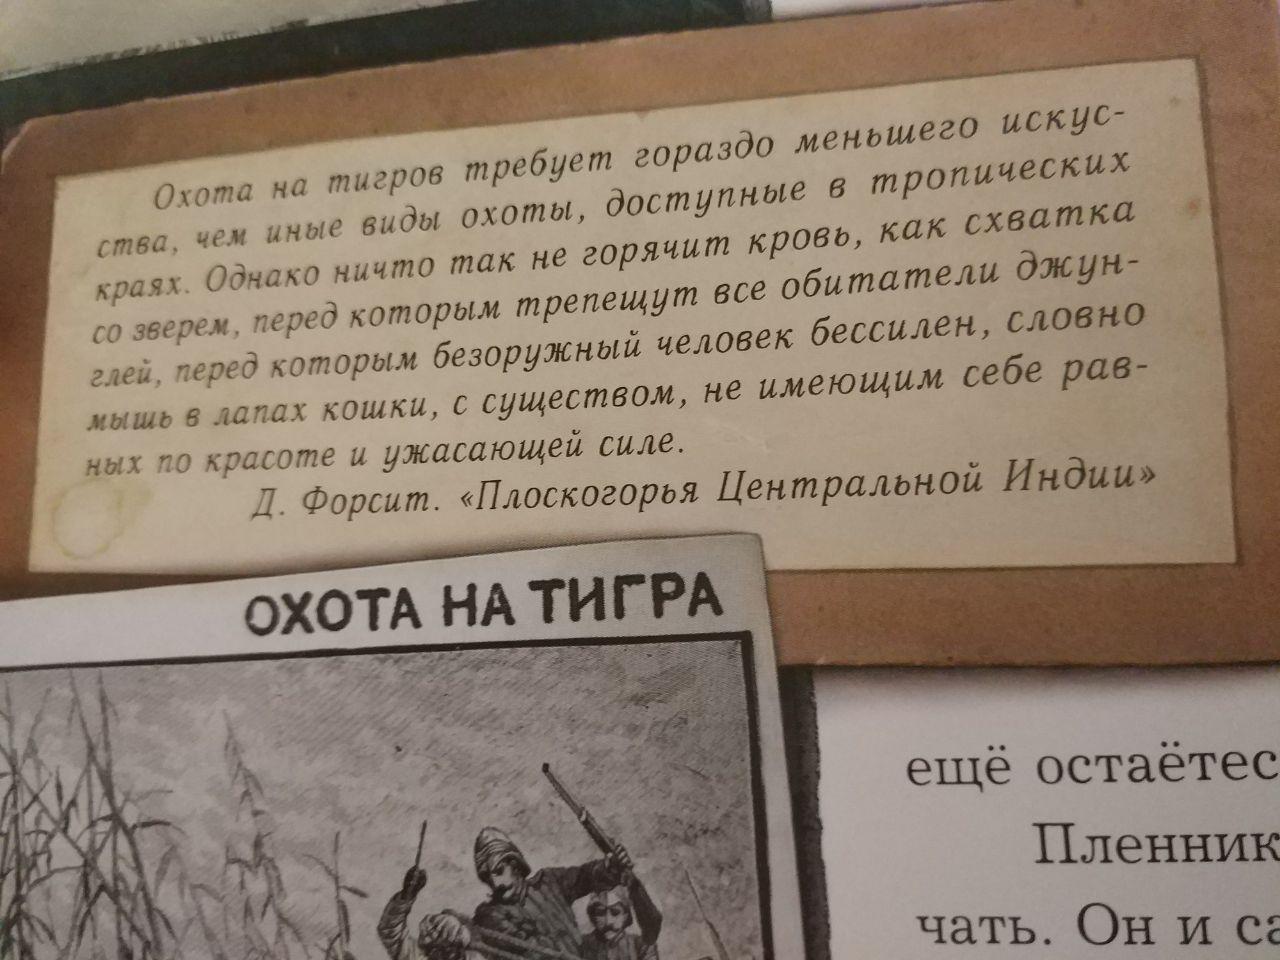 http://s5.uploads.ru/Y8Ba9.jpg